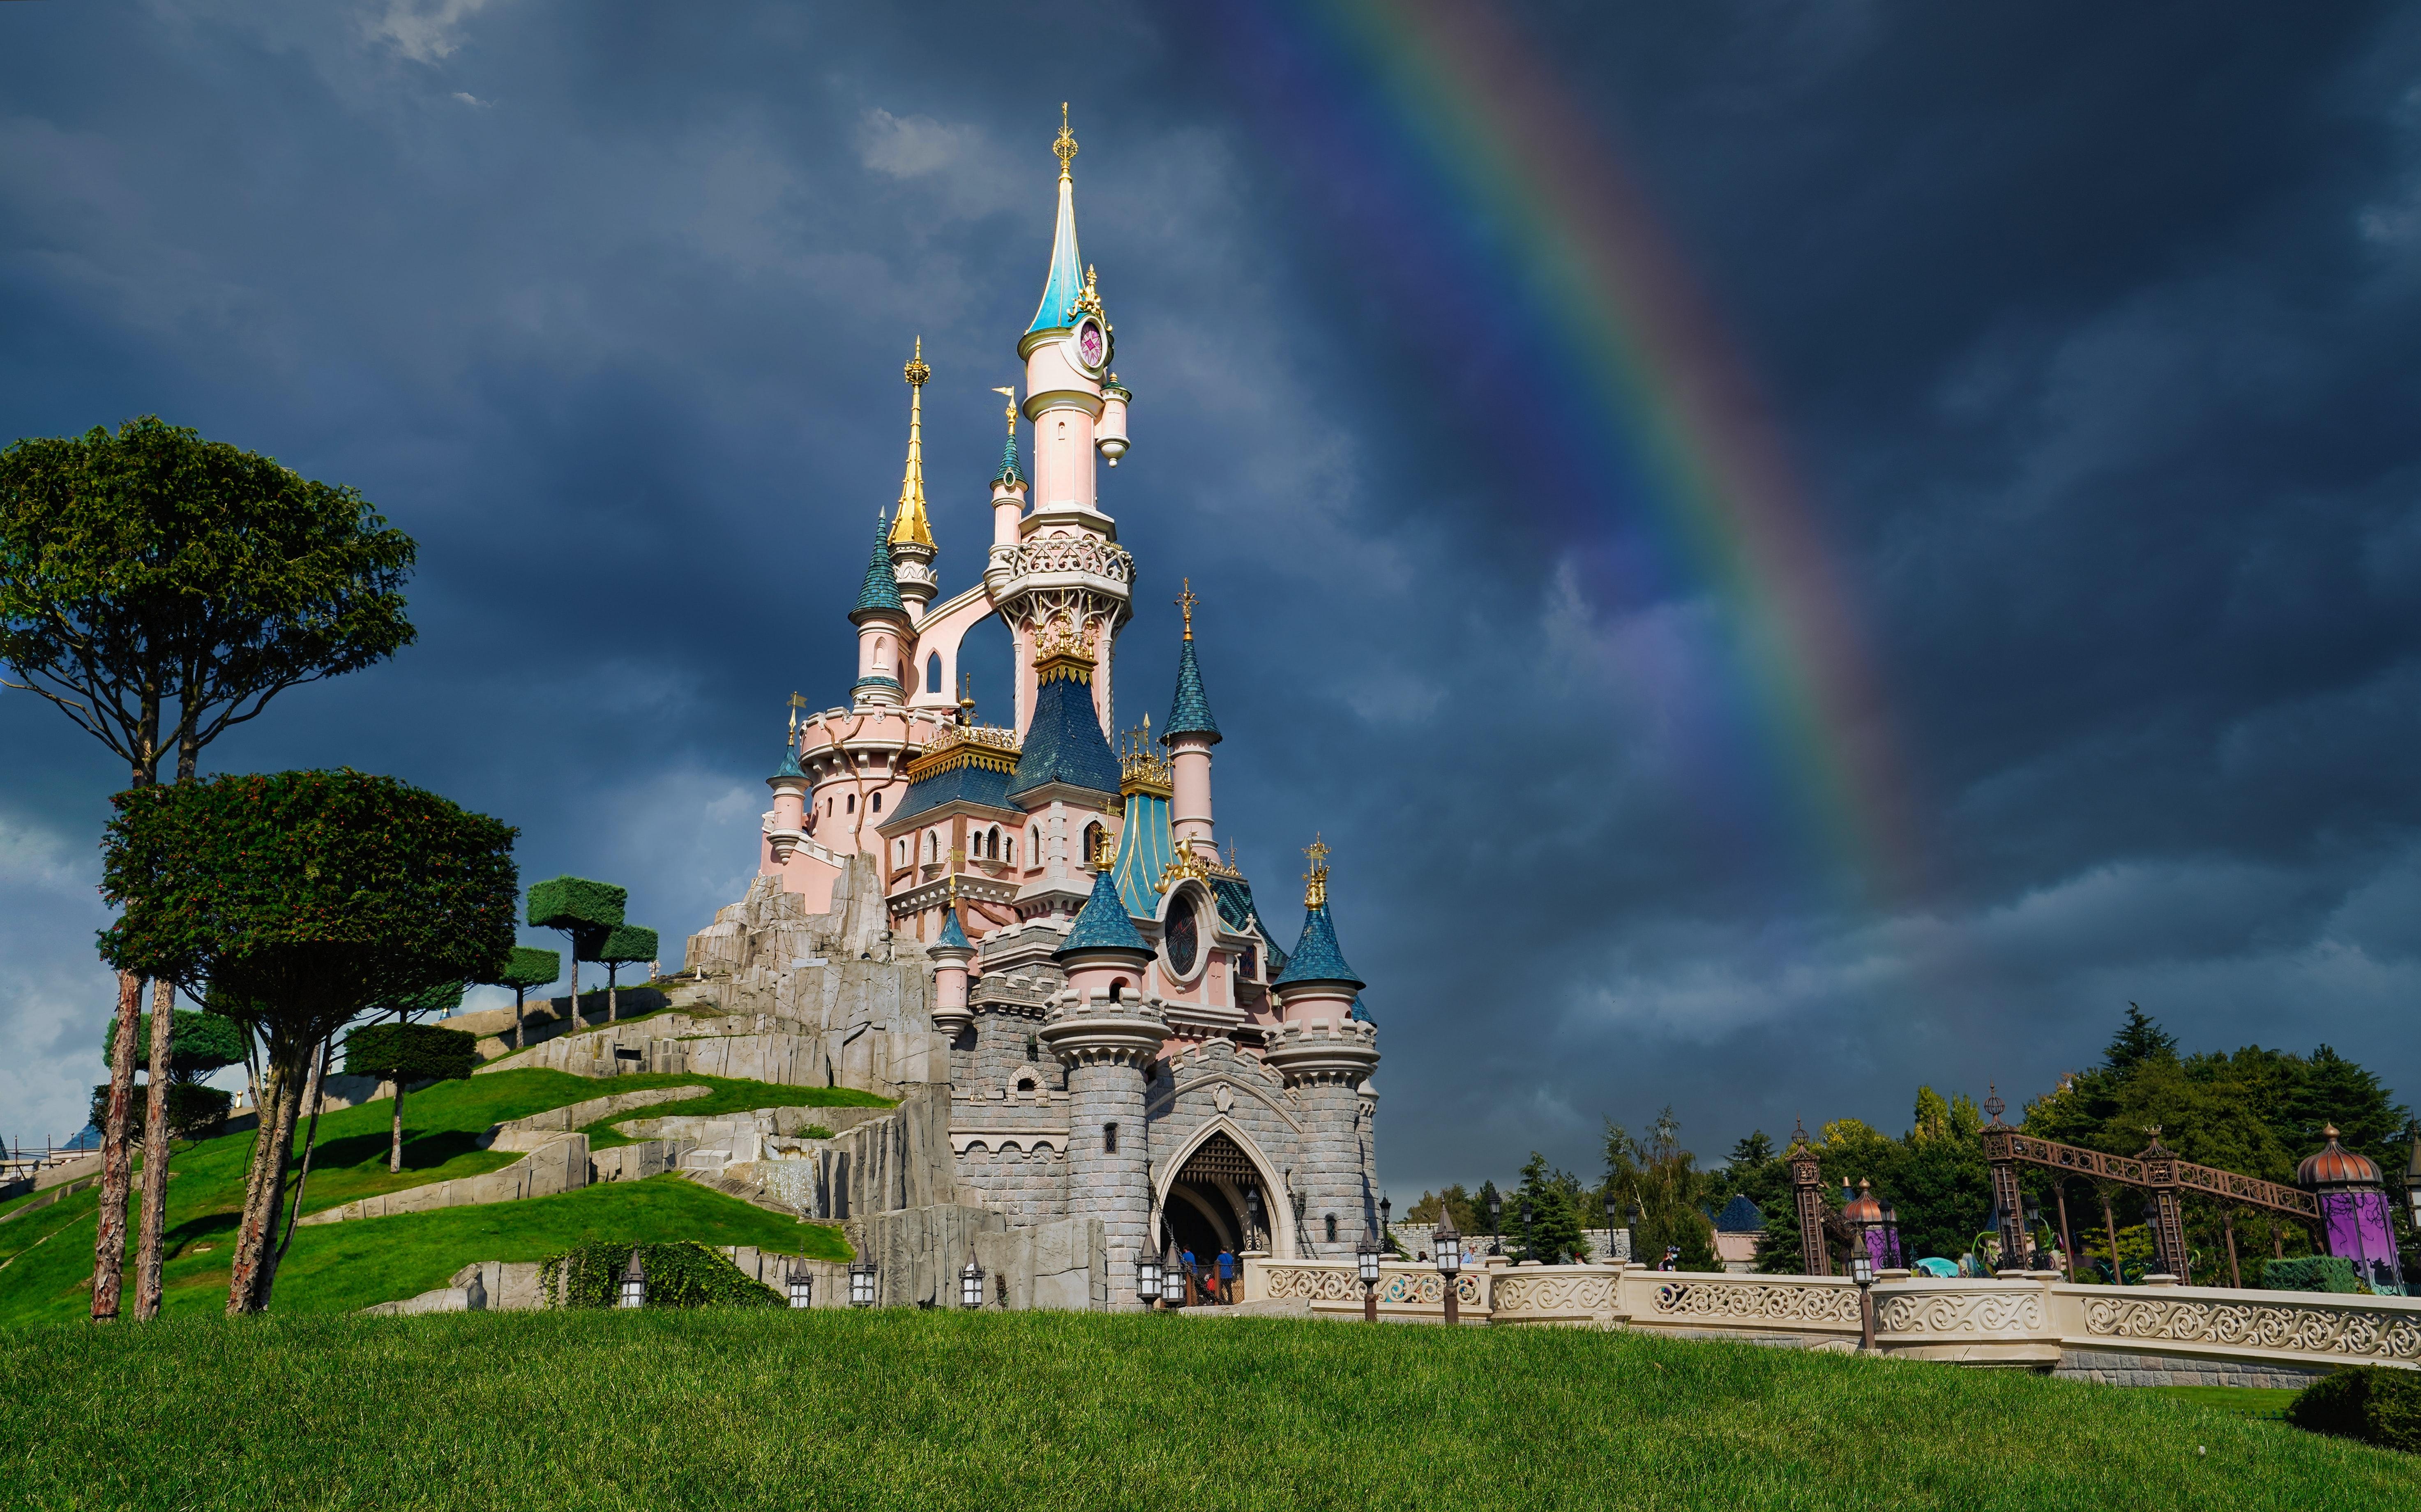 Take the Kids to Disneyland